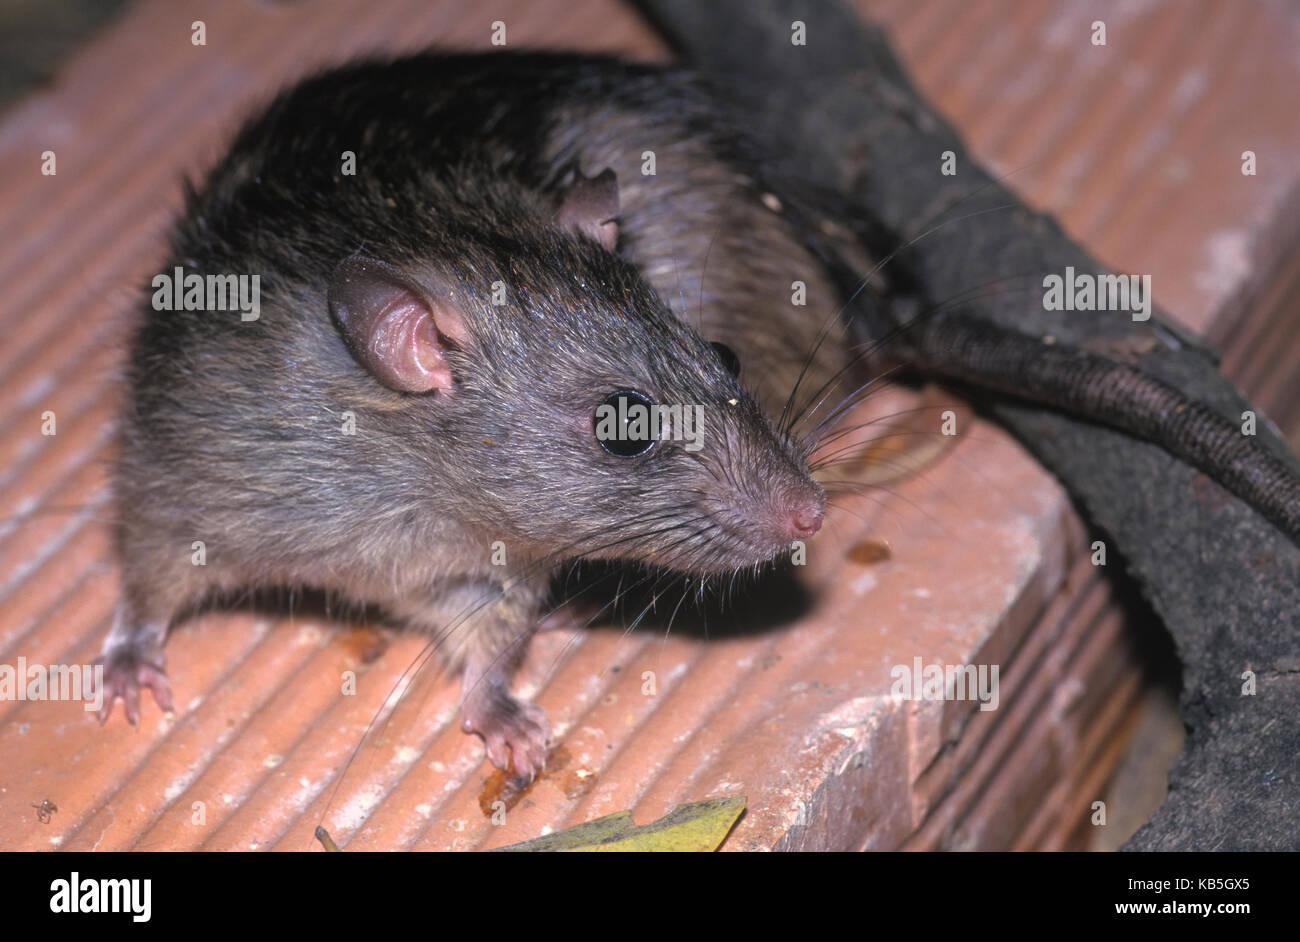 Rata Negra, Rattus rattus. En busca de alimentos en medio de la basura. Ratas sirven como vectores de pendientes Imagen De Stock